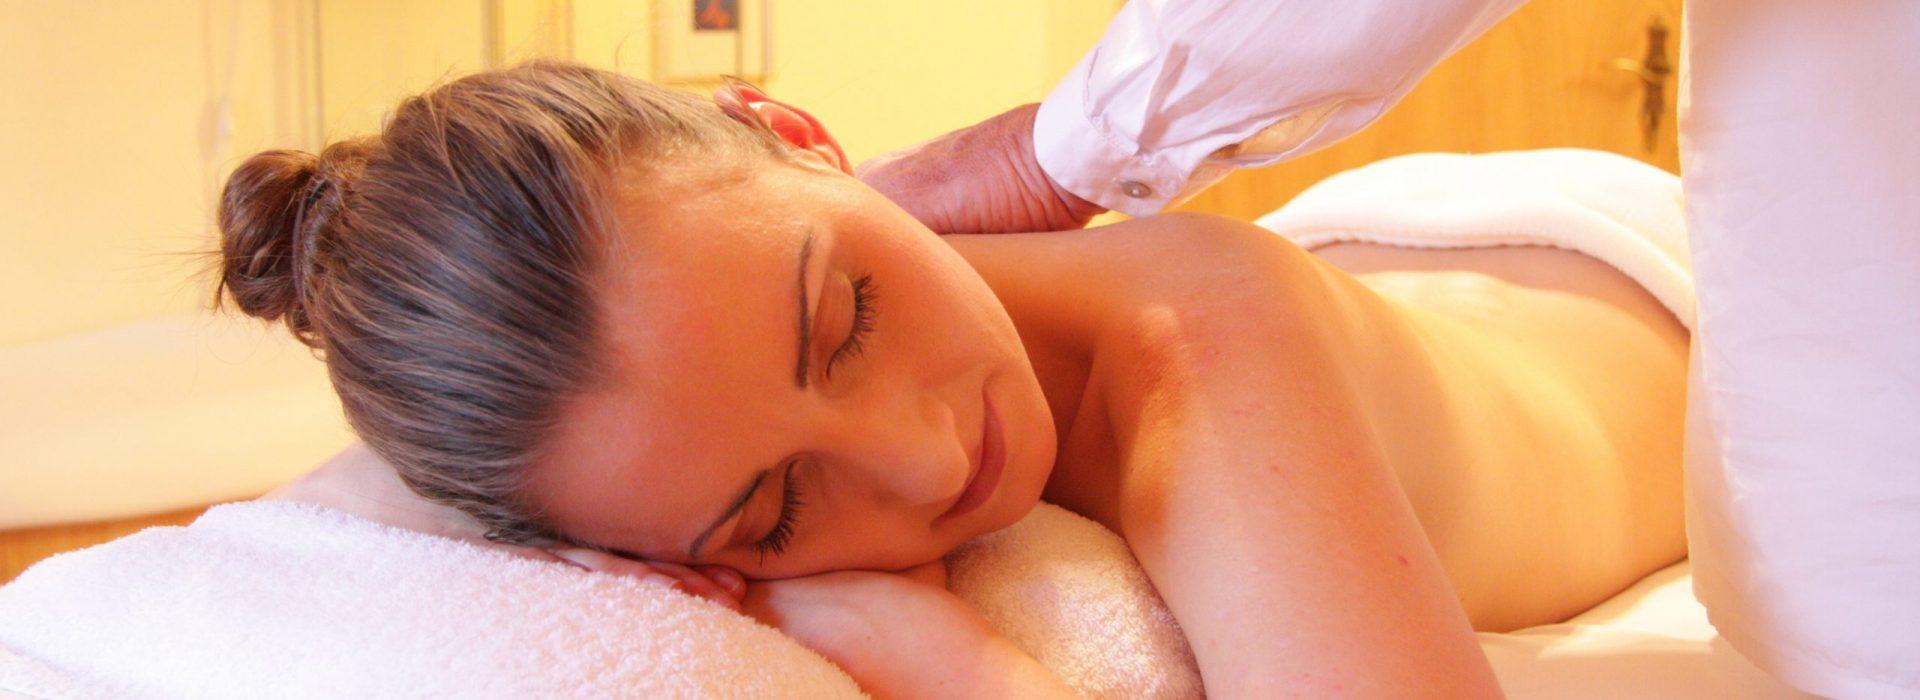 Massage+